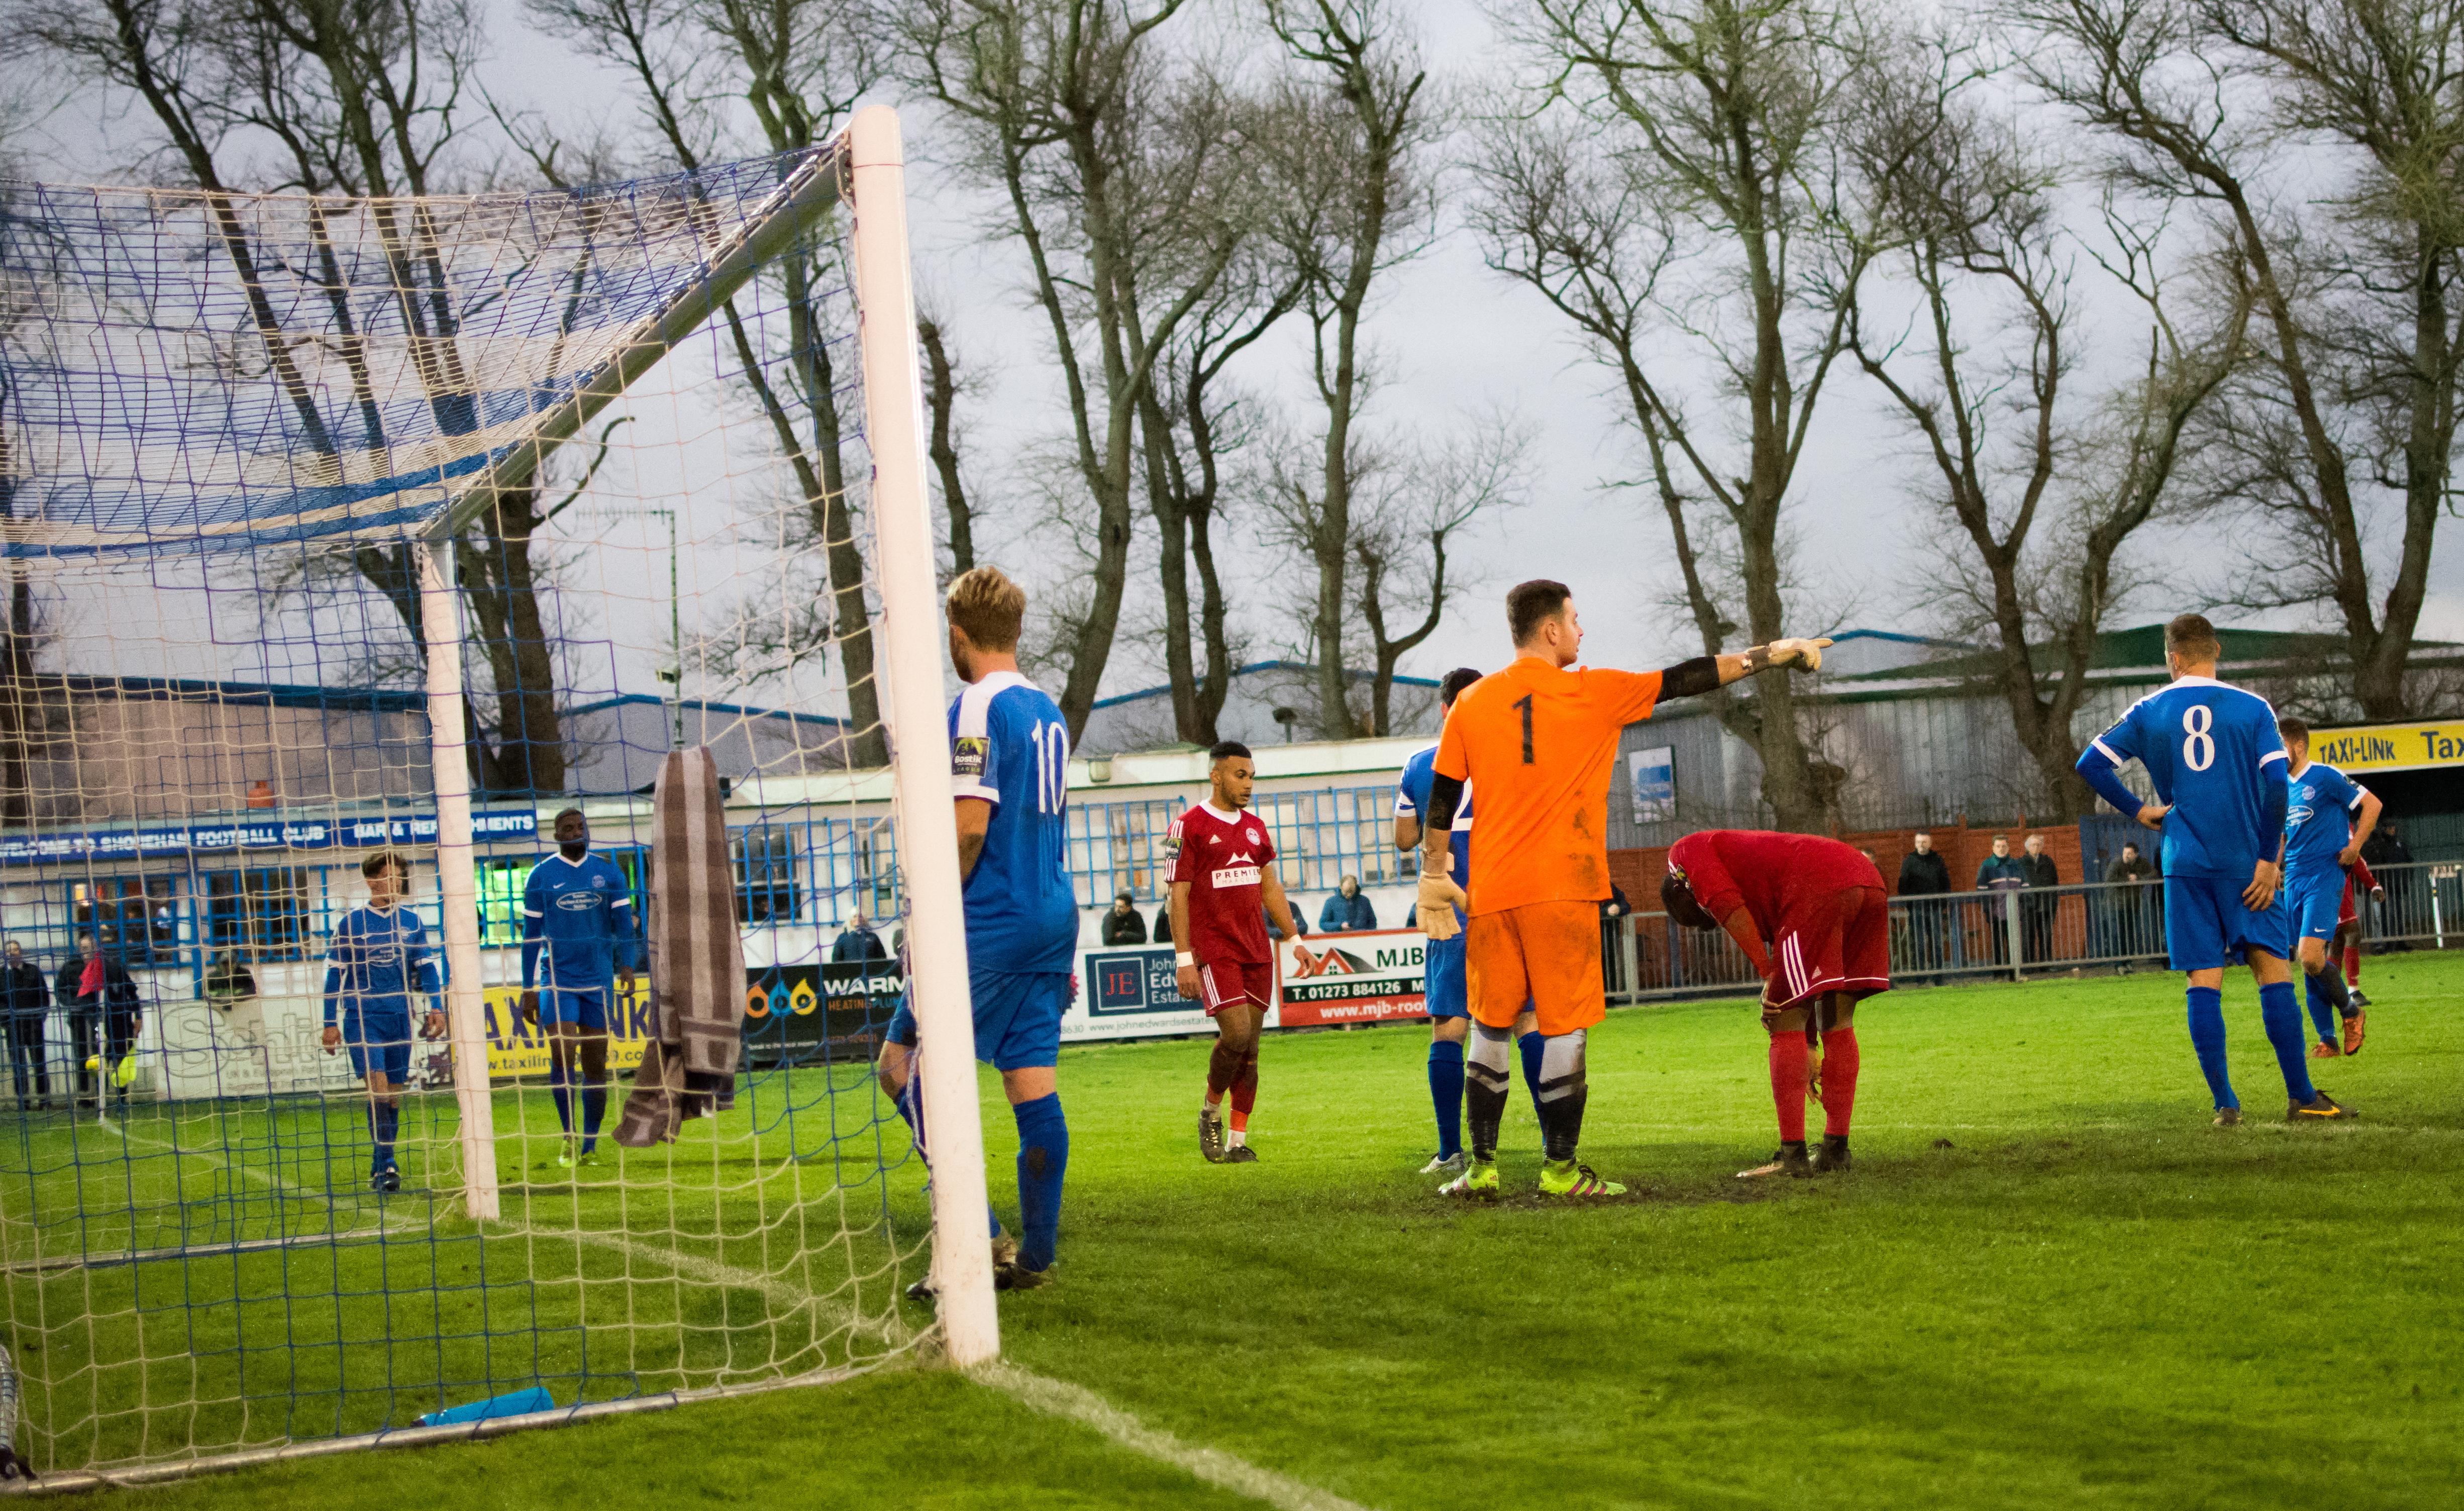 Shoreham FC vs Hythe Town 11.11.17 80